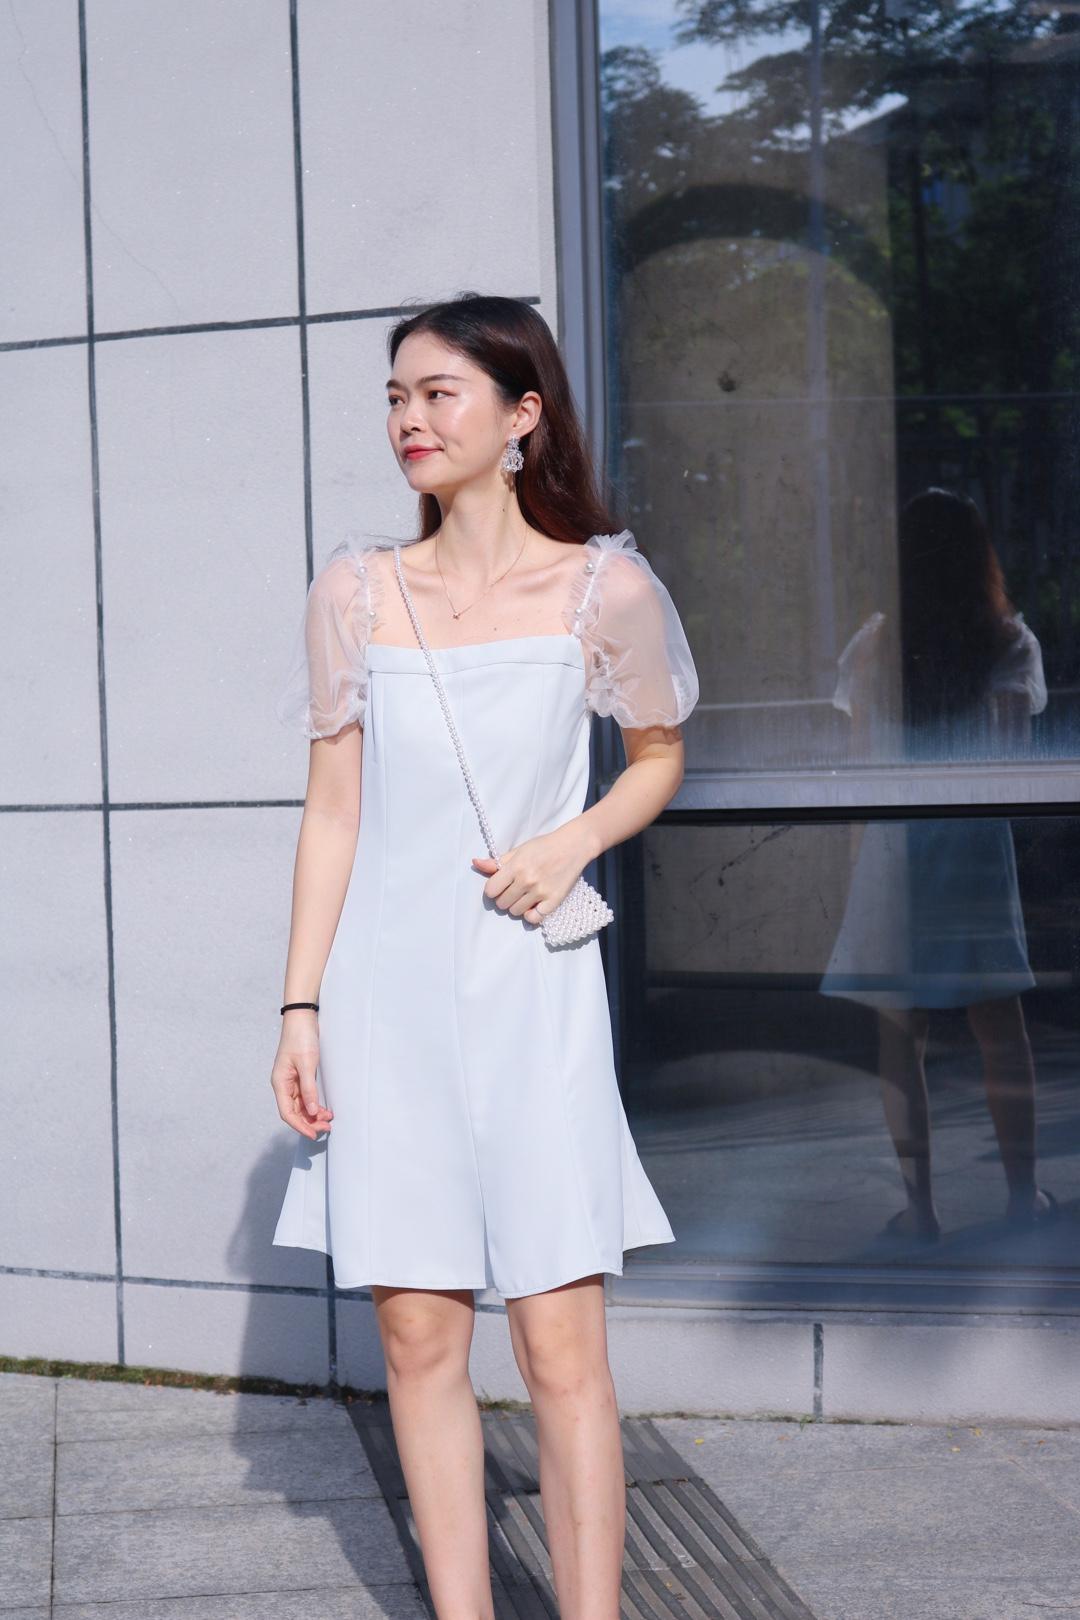 很气质的连衣裙,是名媛气质风又蛮小清新的我好喜欢,袖子网纱透视的特别好看,每个细节都做到极致#薄荷蓝,清凉buff在线加成#